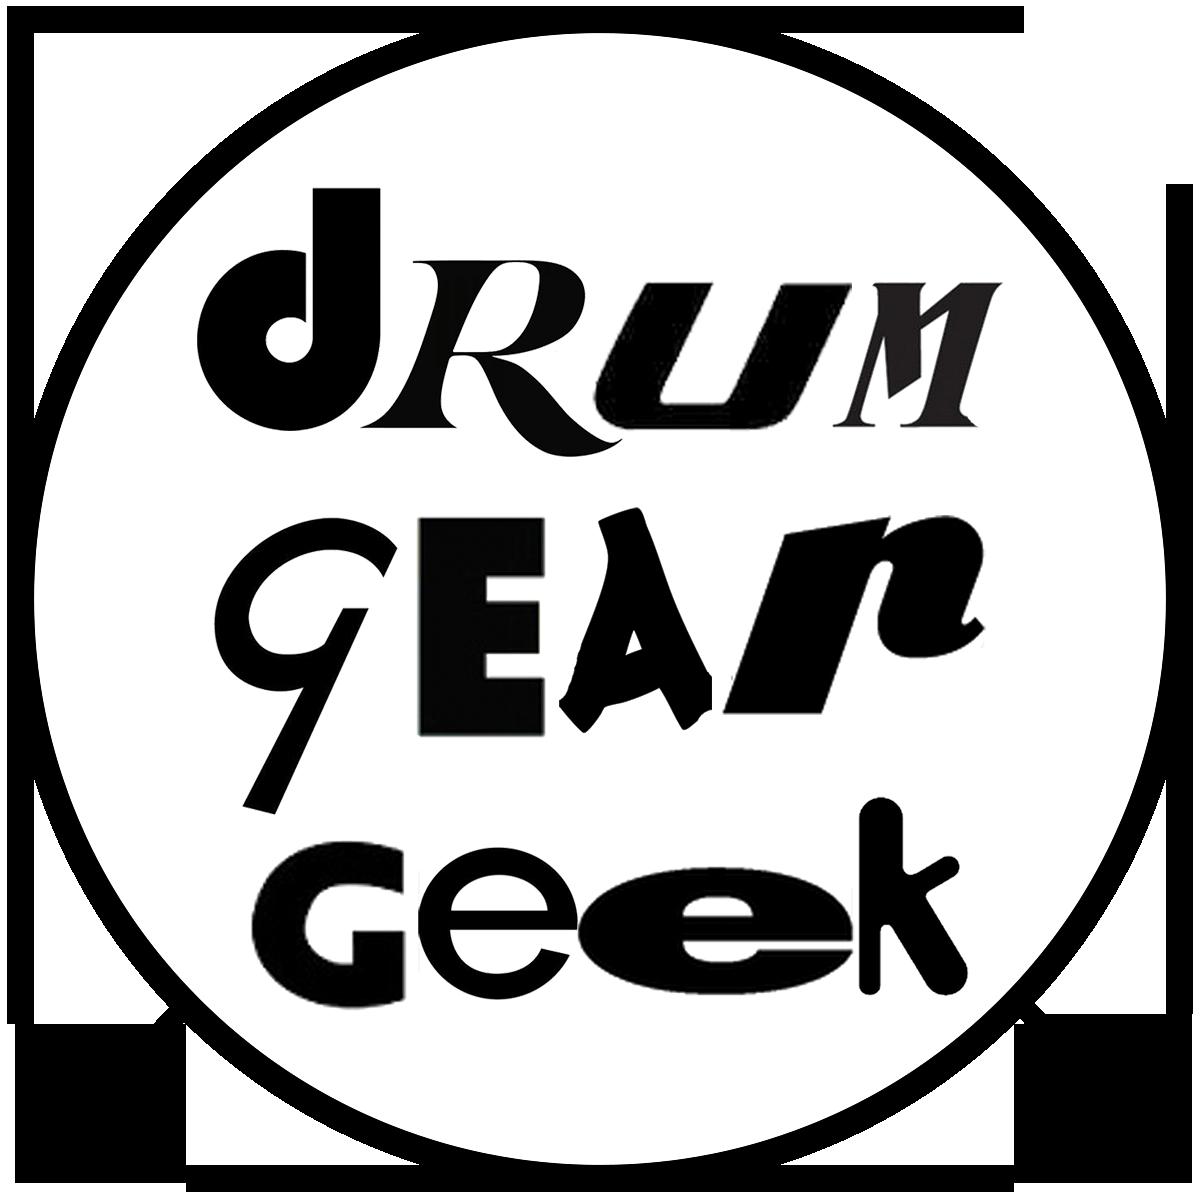 Drums clipart sound source. Drum gear geek